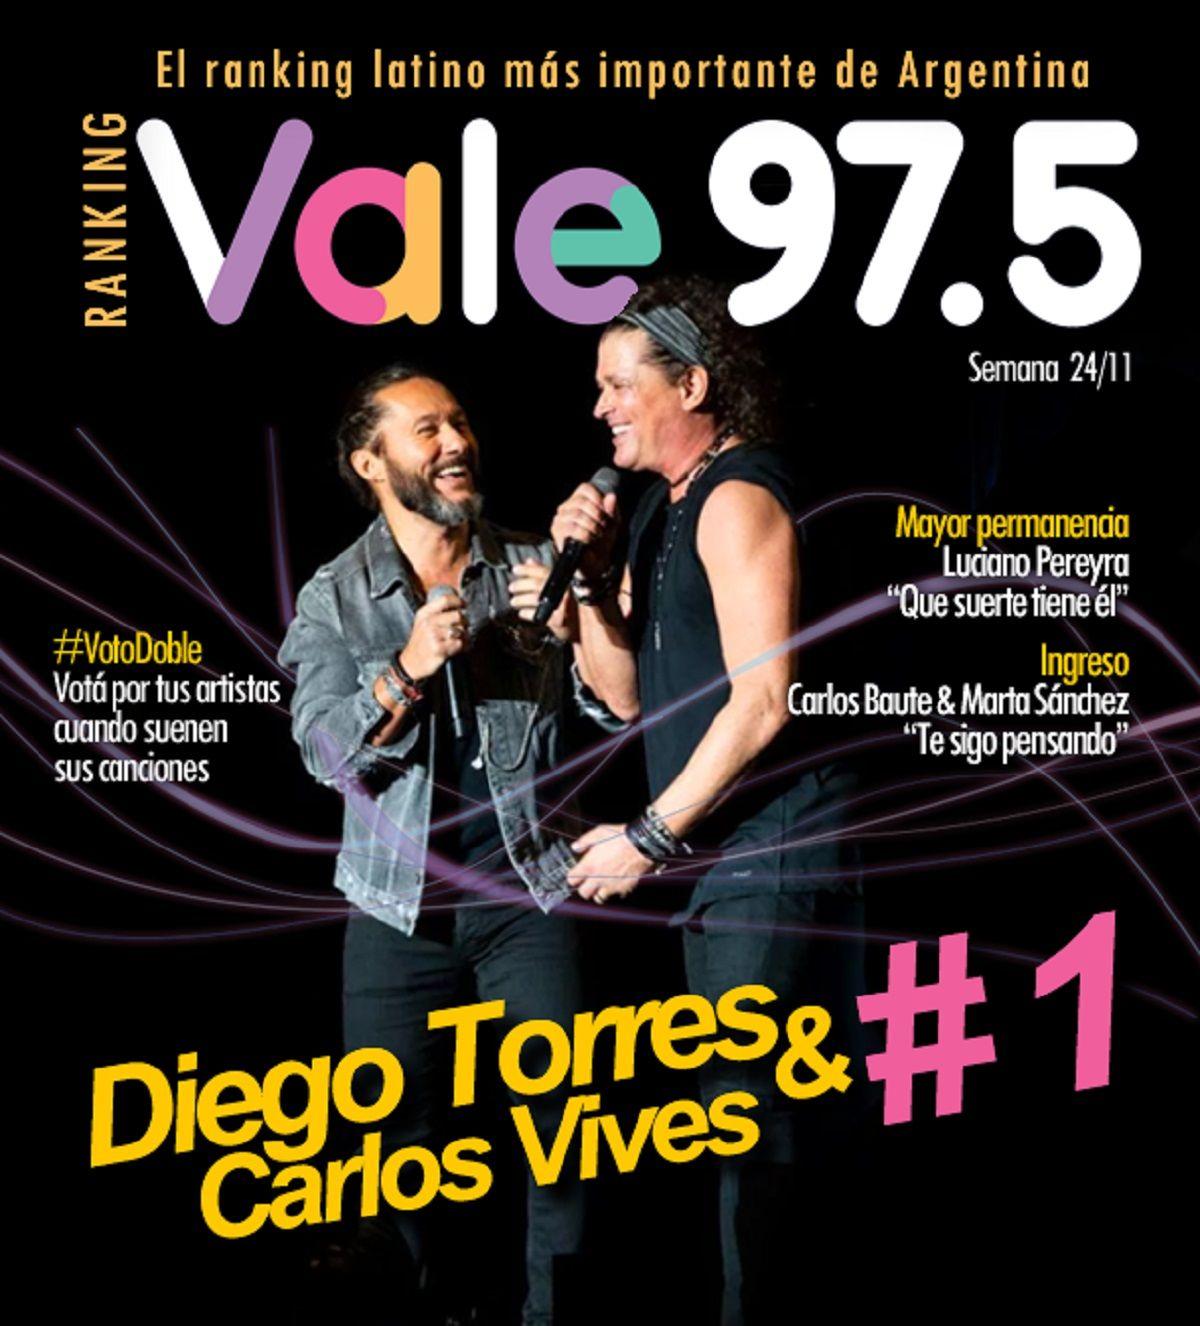 Diego Torres y Carlos Vives volvieron a la cima del Ranking Vale